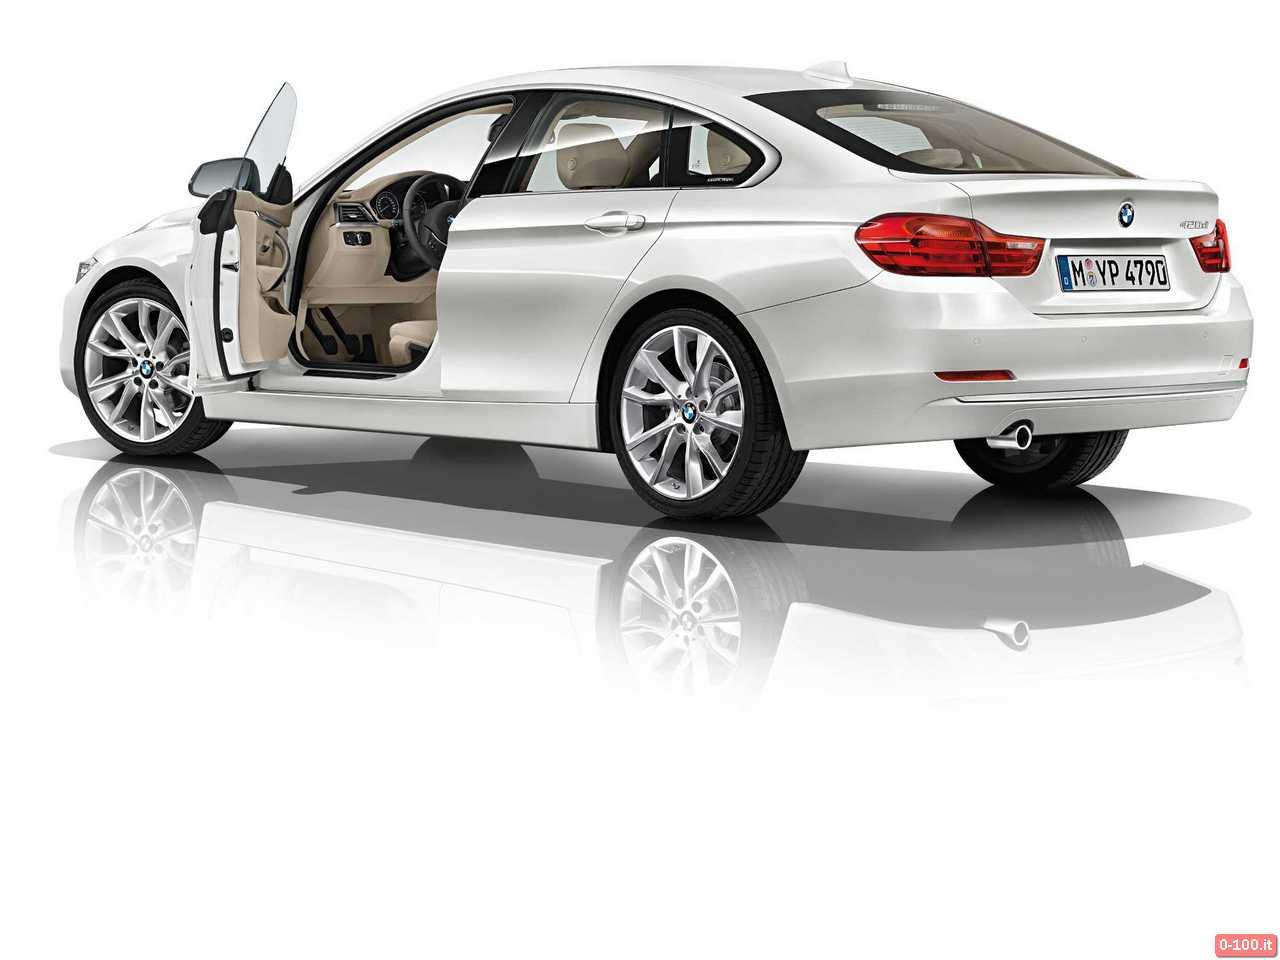 bmw-serie-4-gran-coupe-prezzo-price-ginevra-geneve-2014-0-100_76